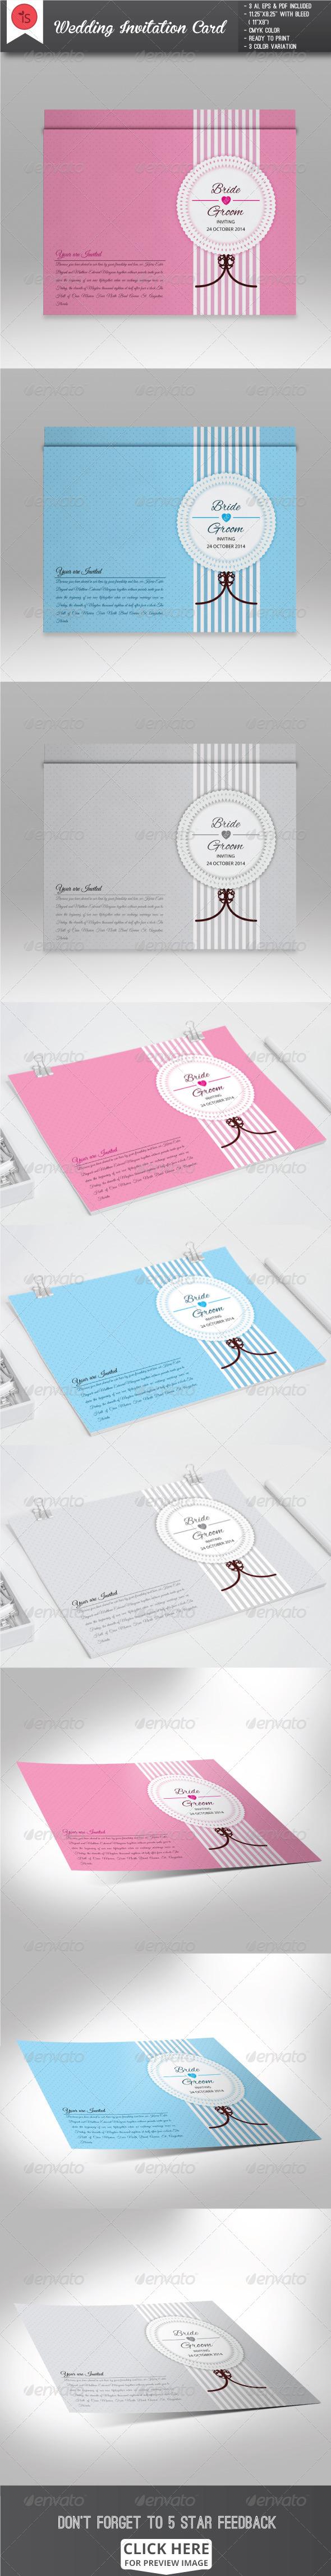 GraphicRiver Wedding Invitation Card 7824706